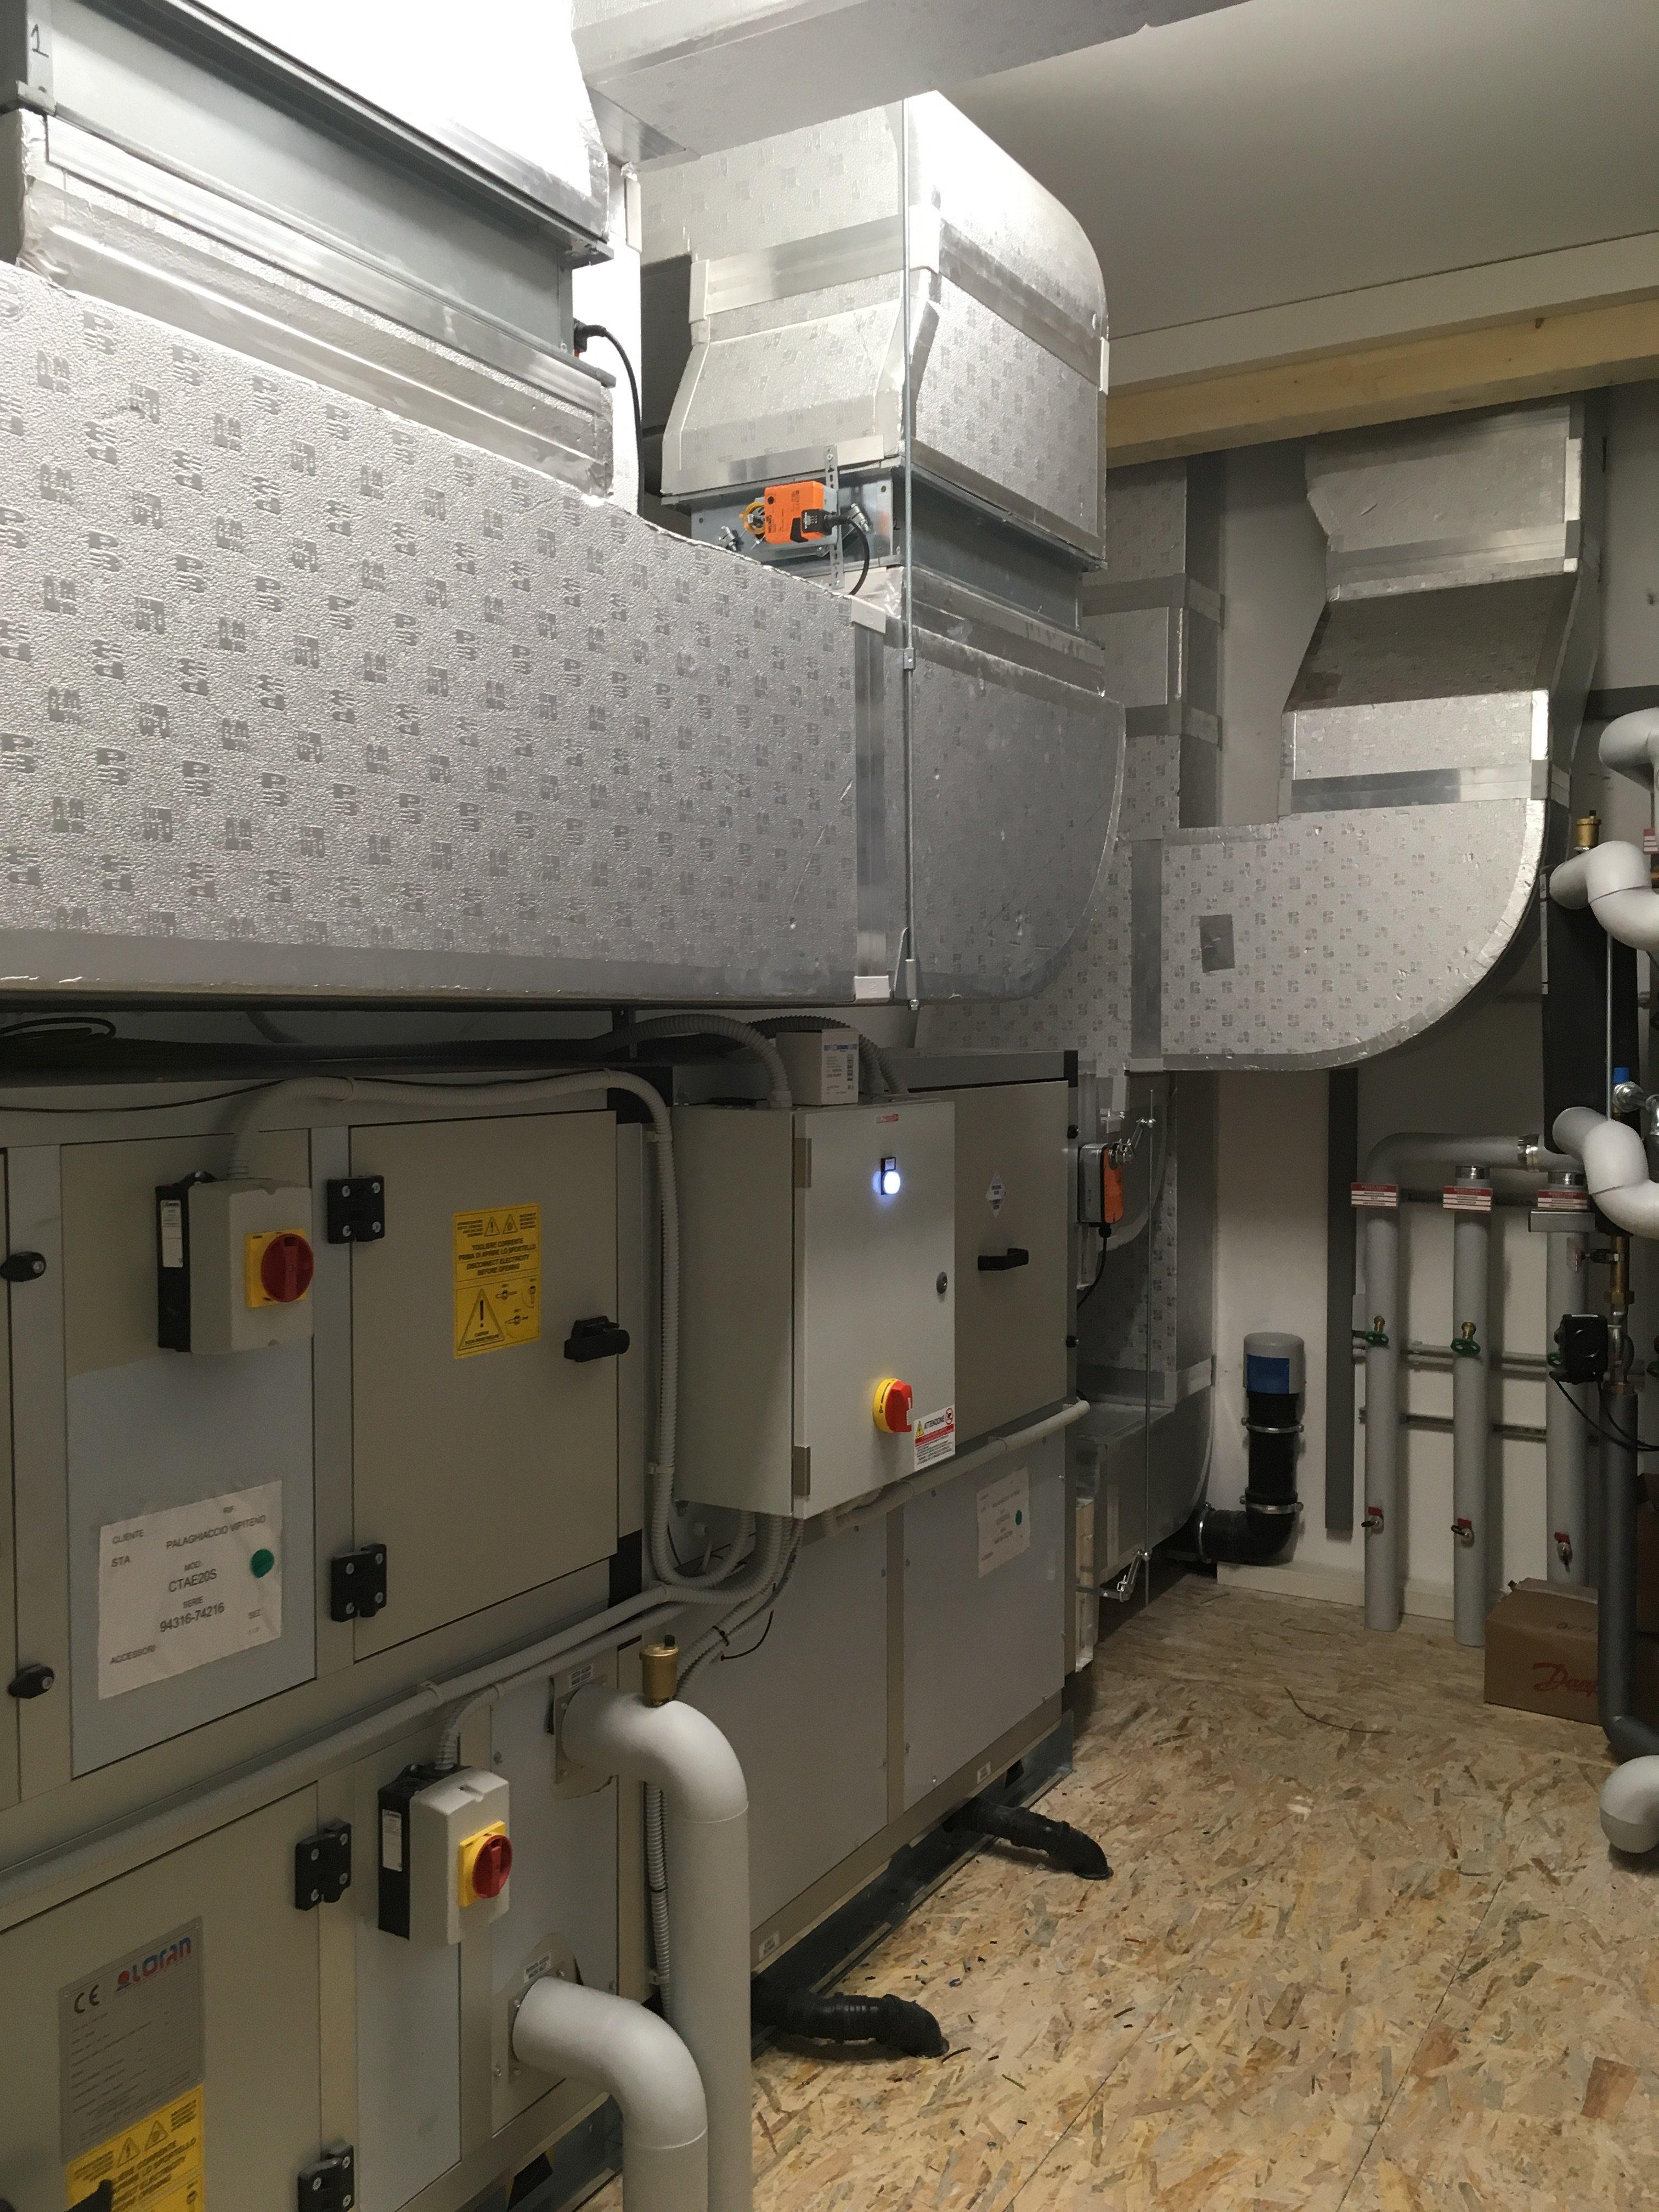 una stanza di controllo di un impianto